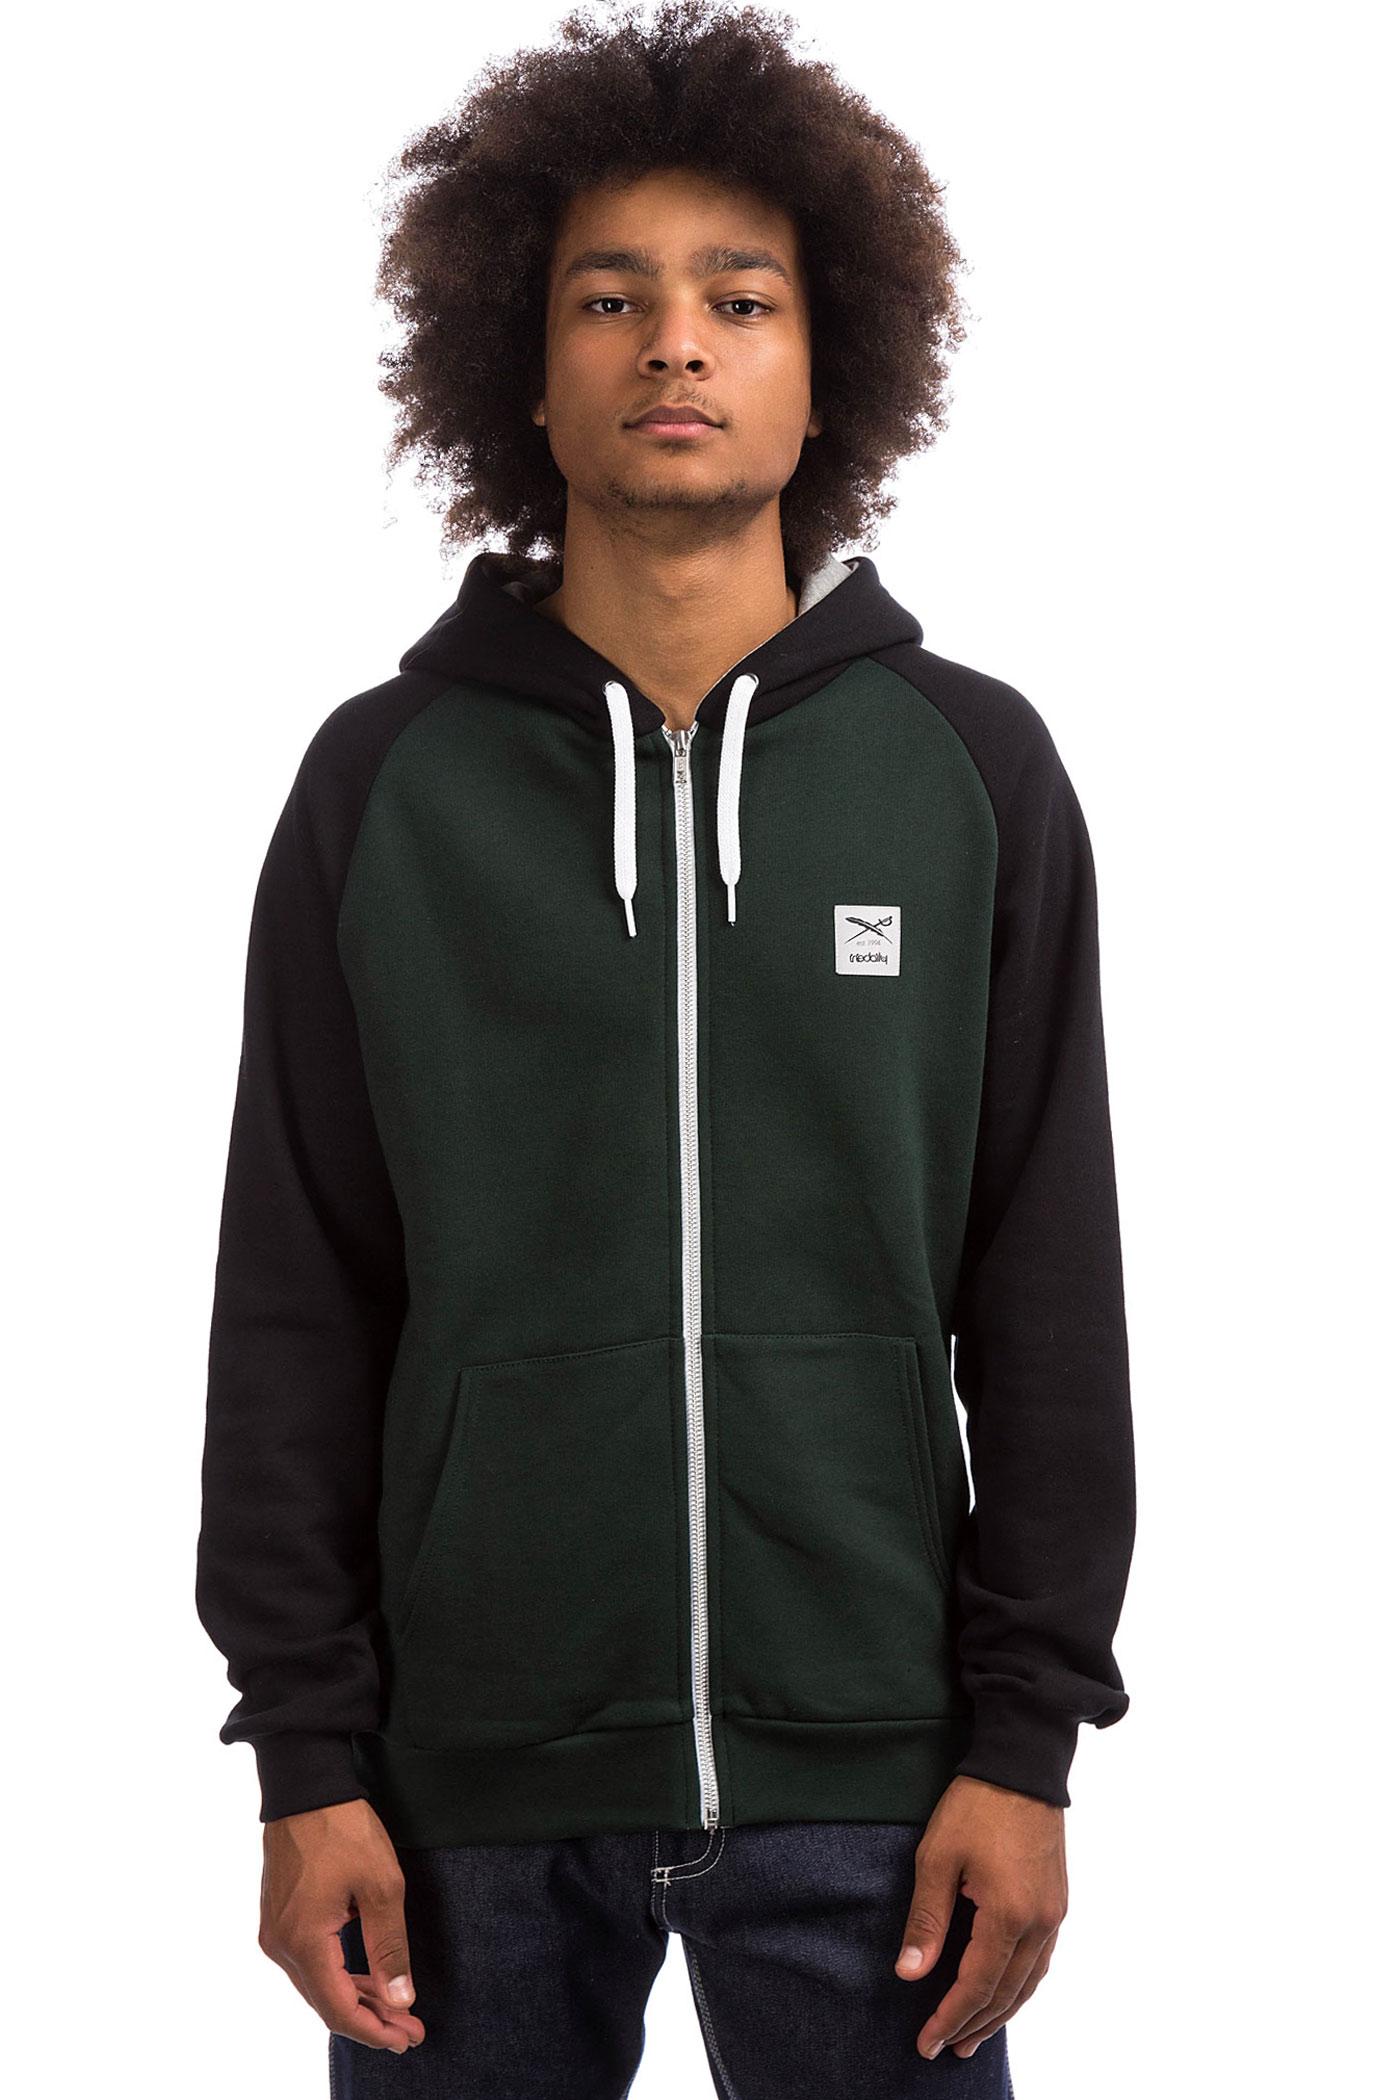 College Avec Iriedaily De Capuchonhunter Zip sweatshirt 34jRLc5Aq